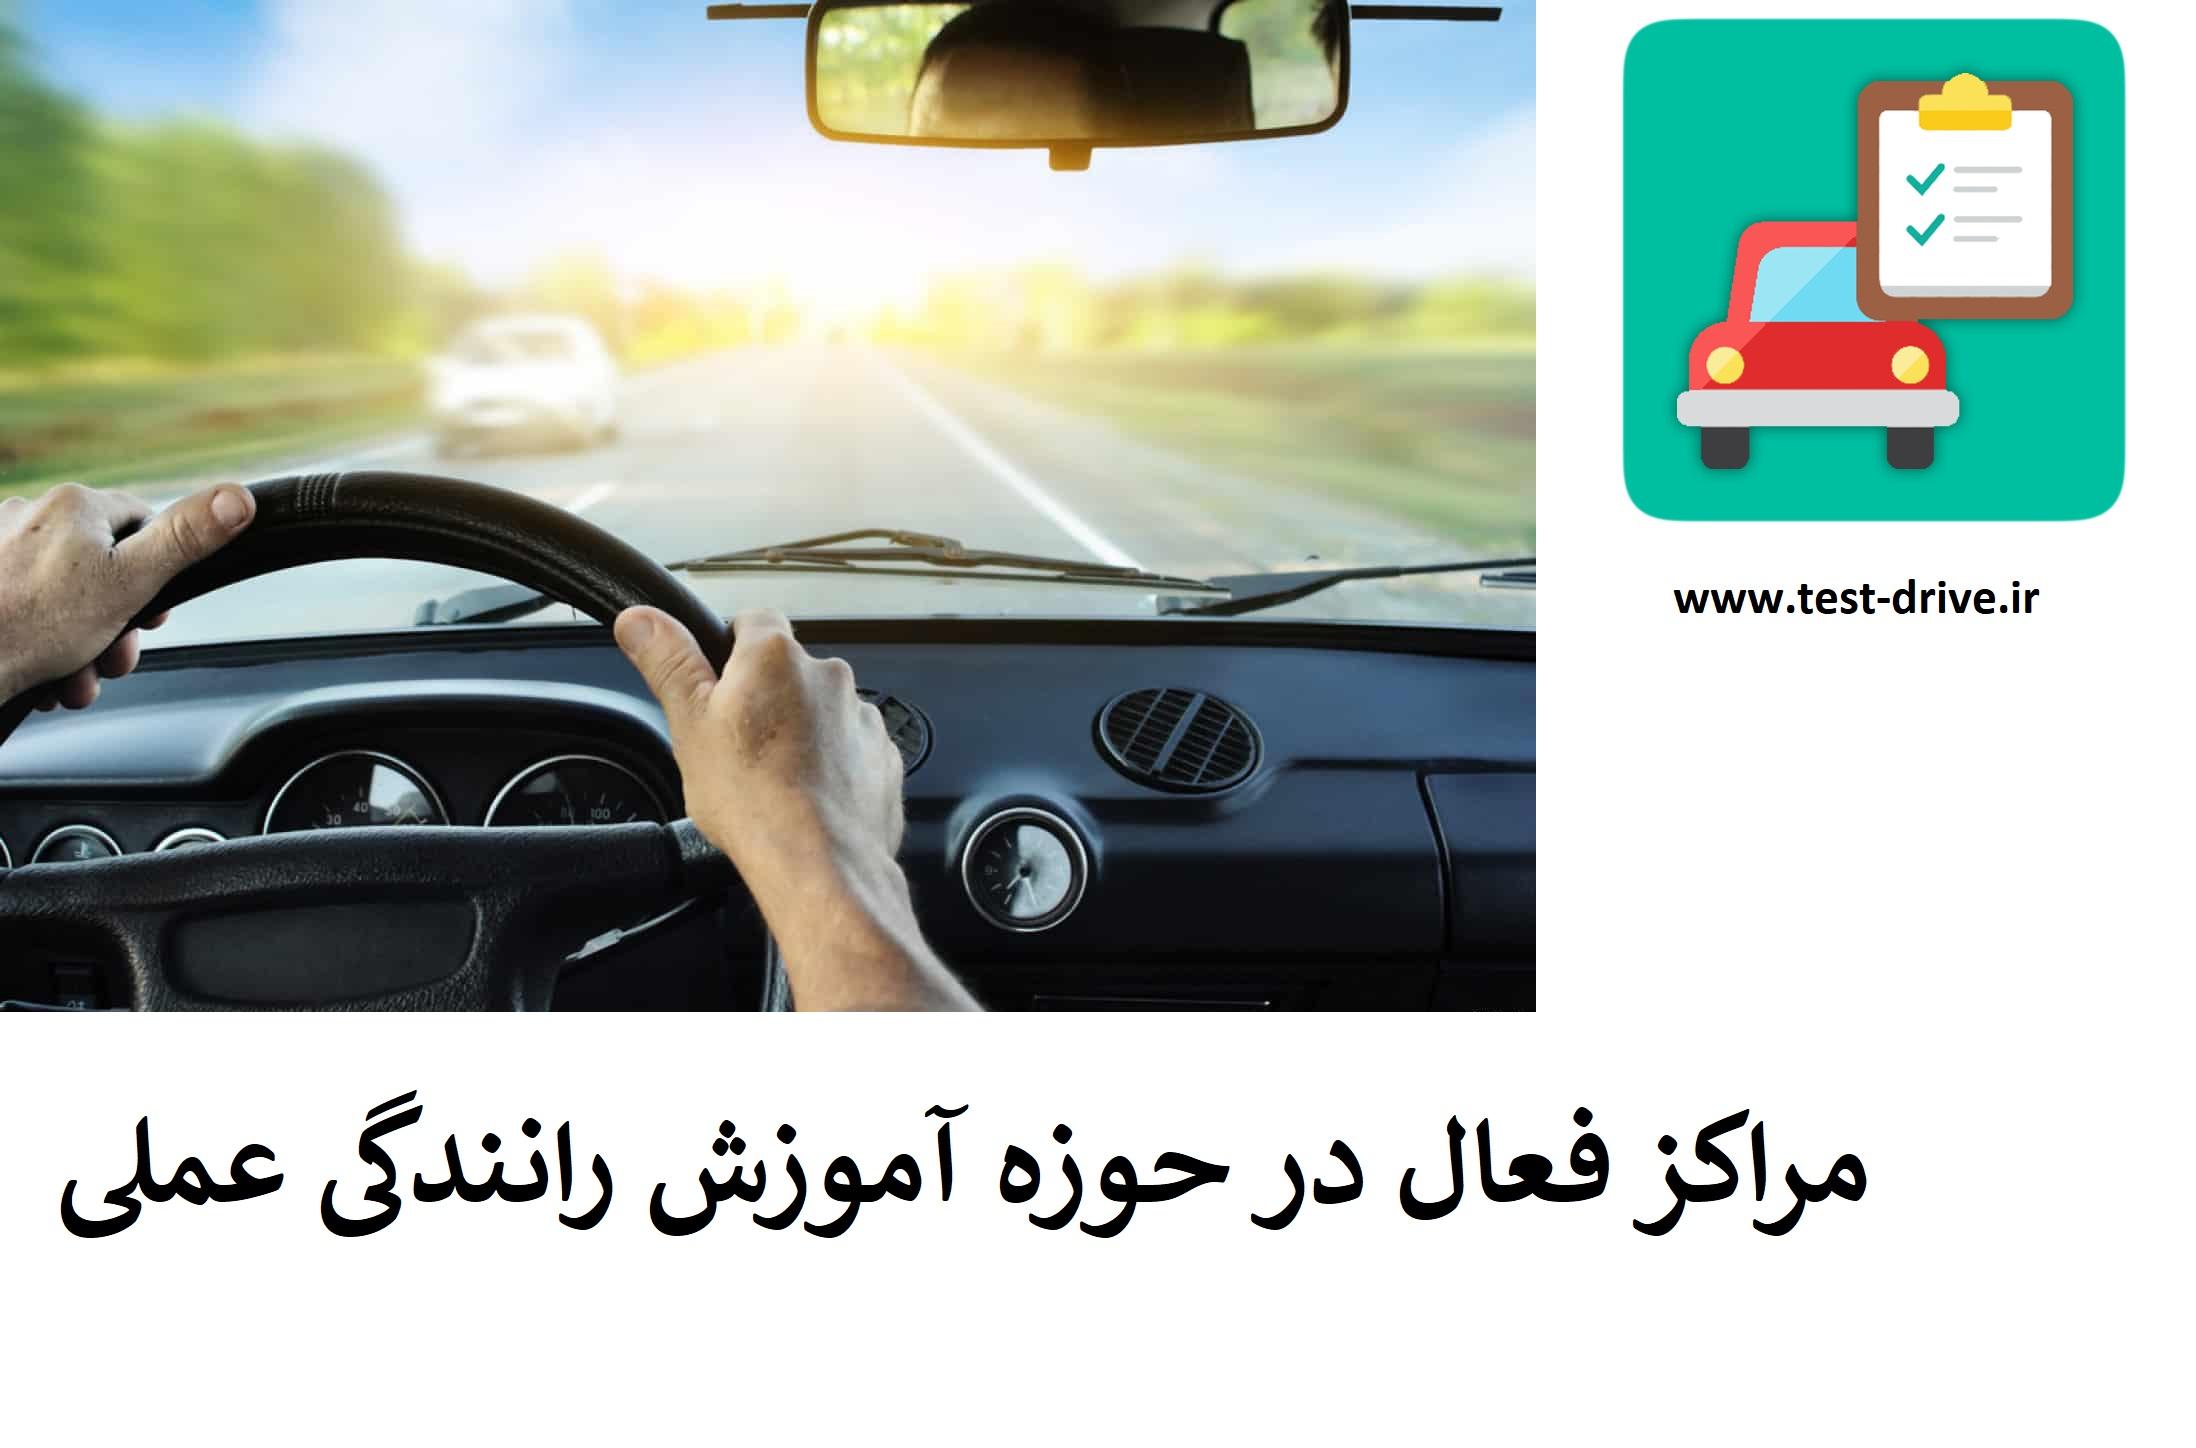 مراکز فعال در خوزه آموزش رانندگی